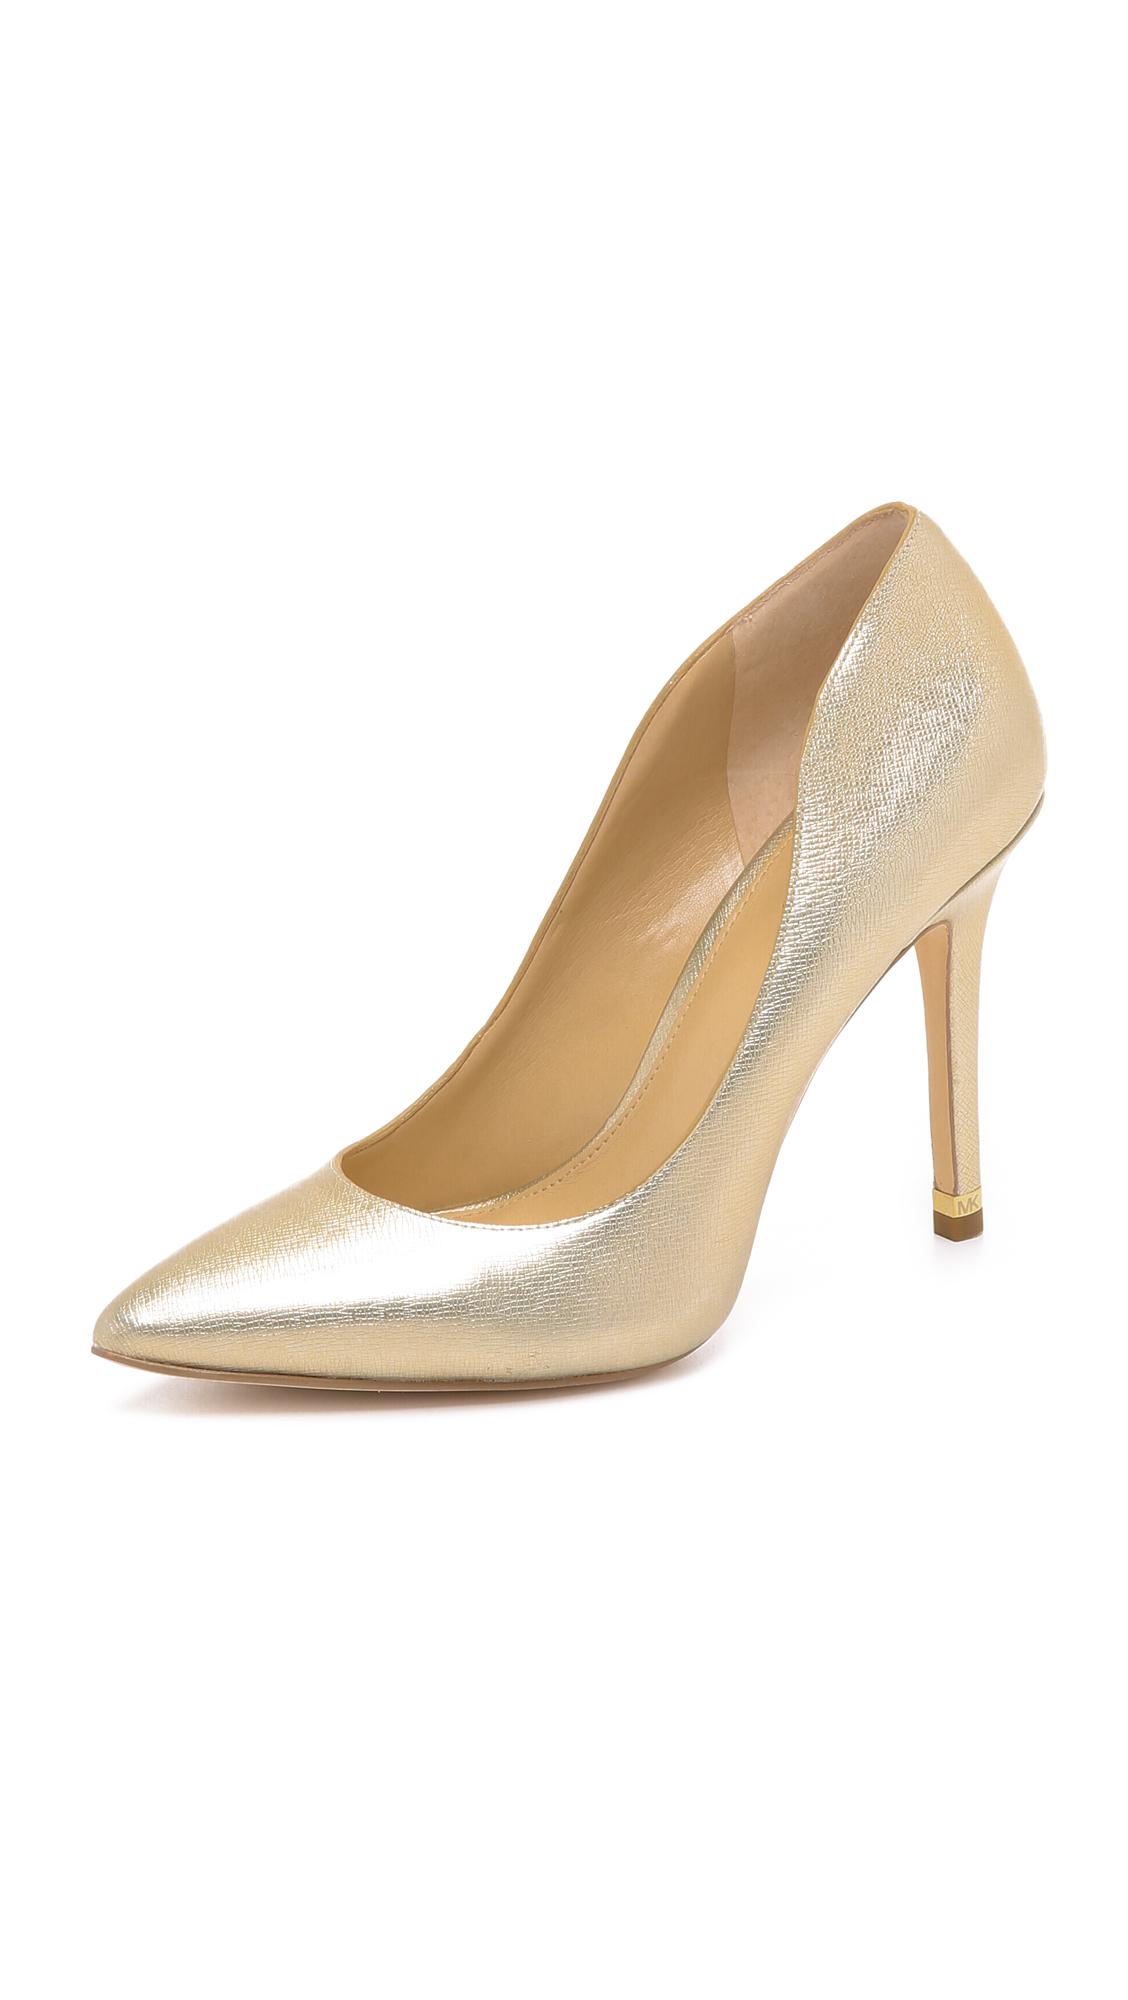 Pale Gold Heels - Is Heel